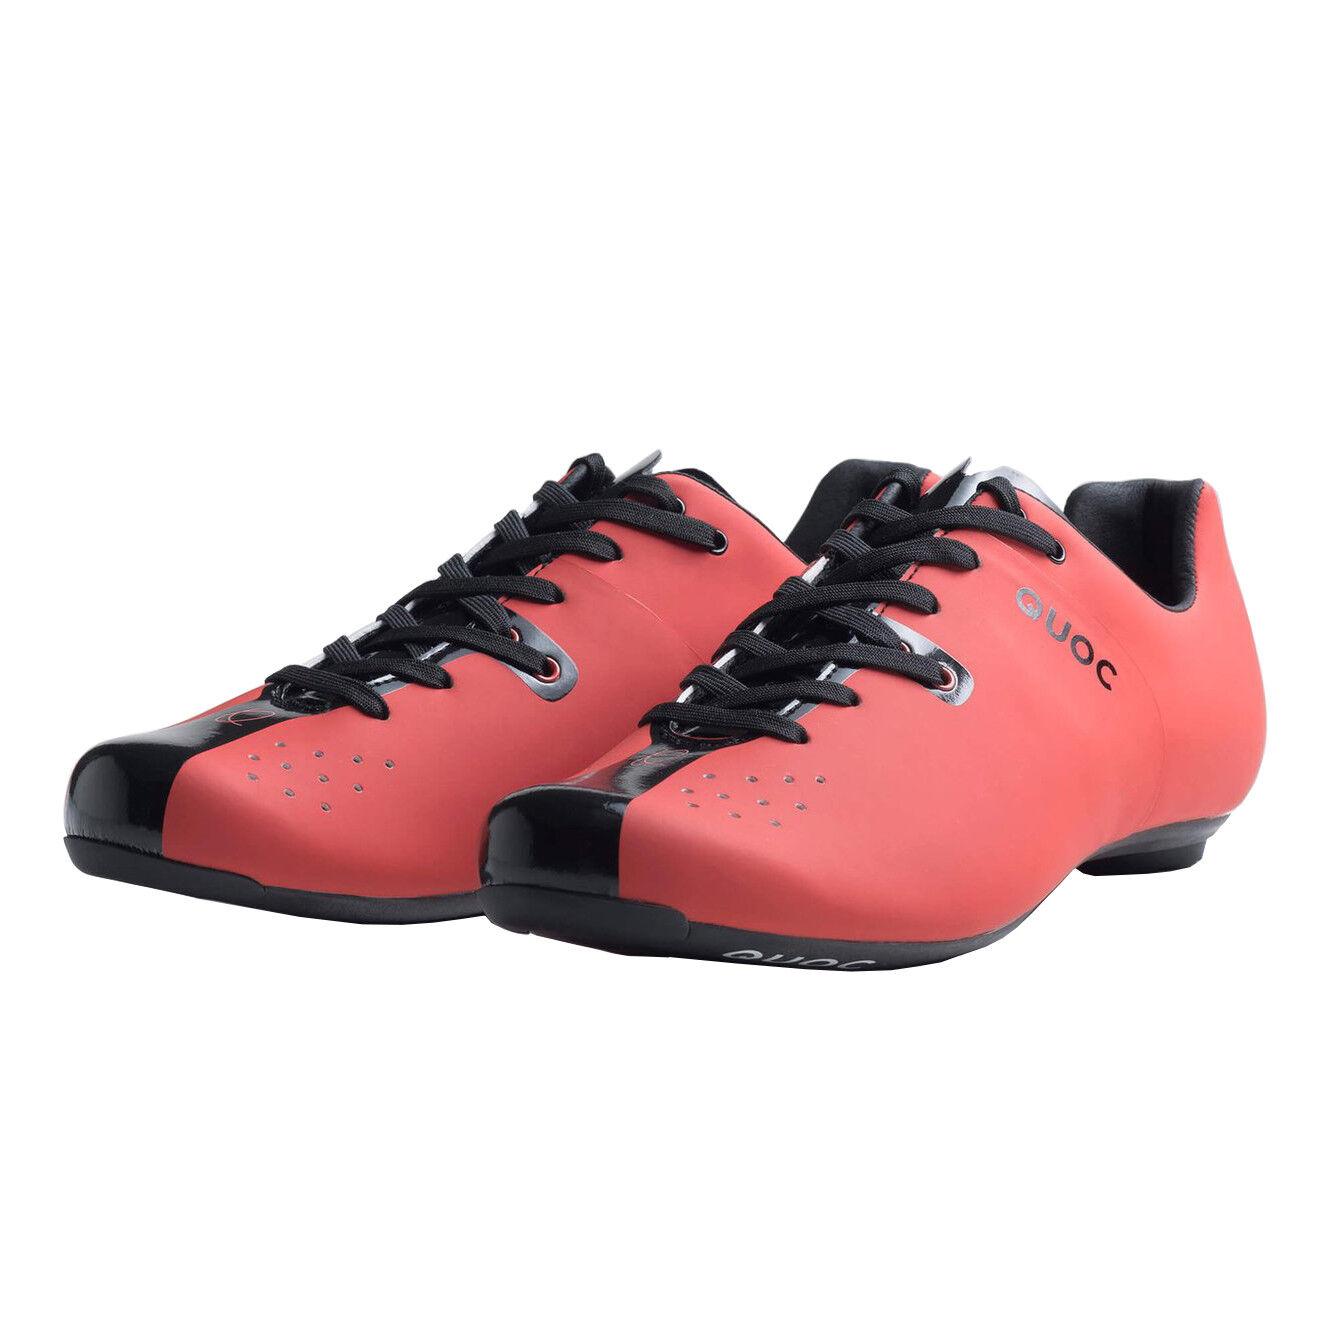 Quoc Night Road schoenen roze 42.5 (US 9)